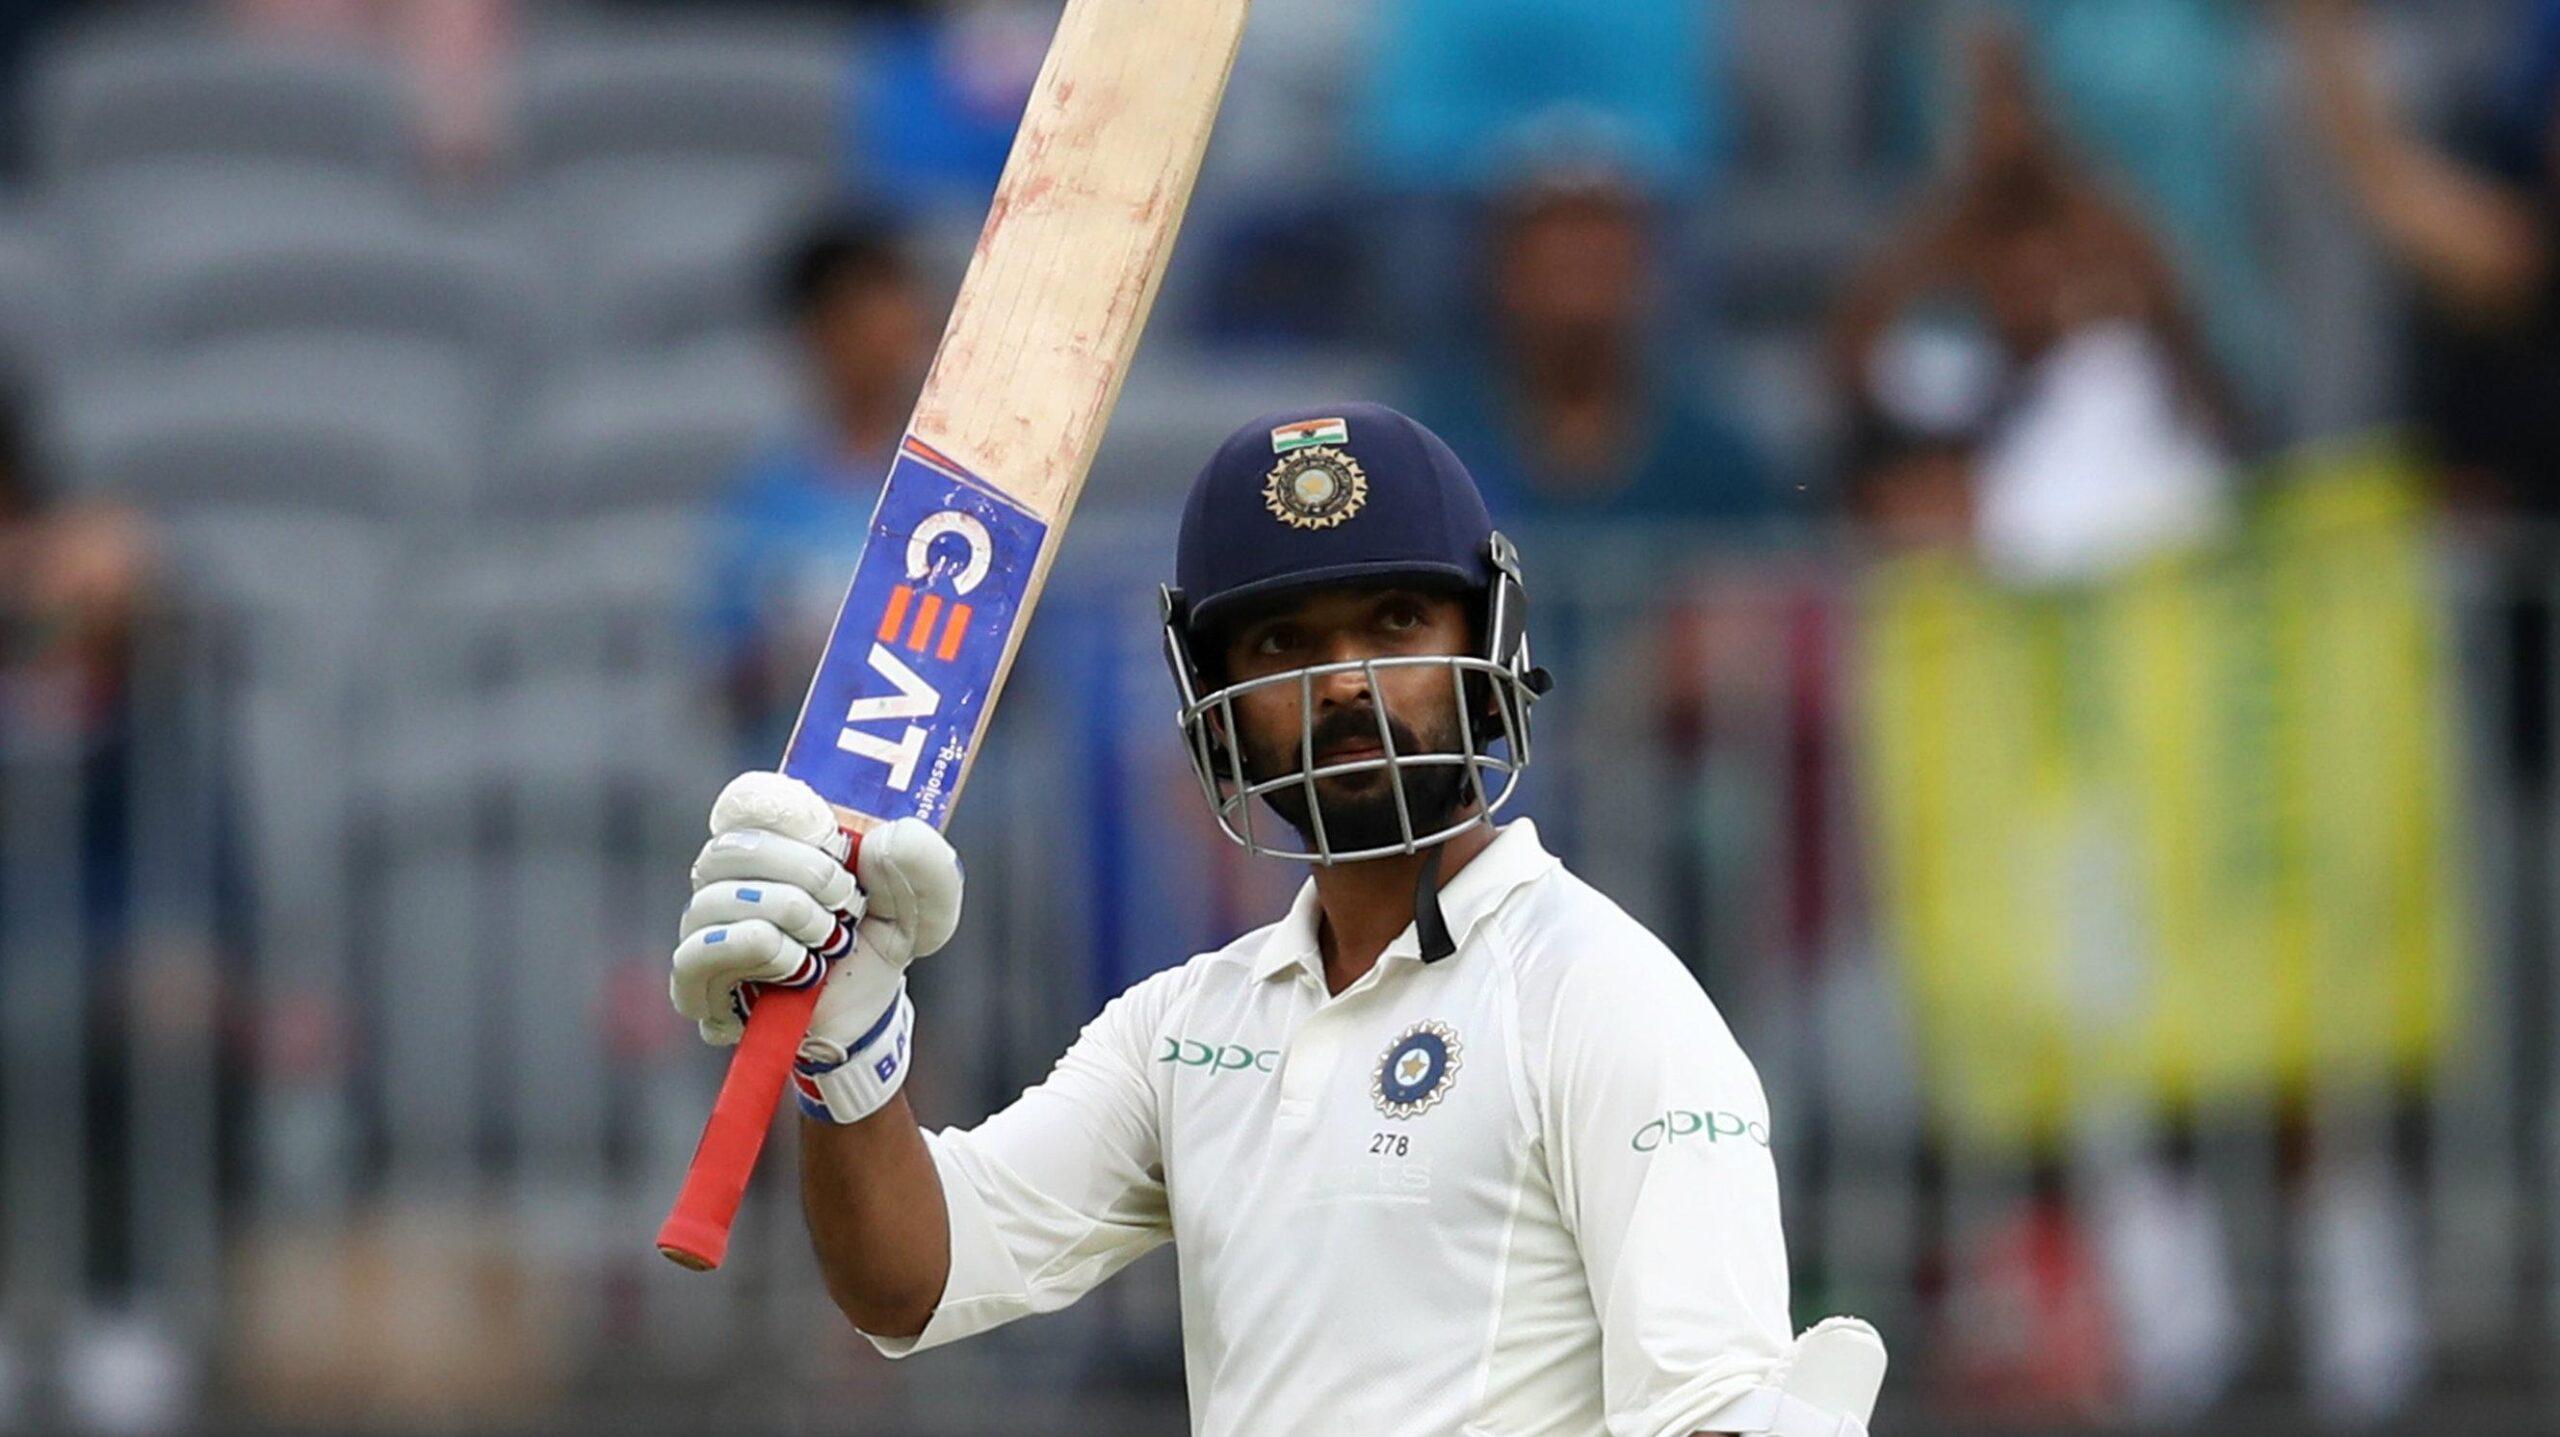 संजय मांजरेकर ने अजिंक्य रहाणे को टेस्ट सीरीज के लिए दी ये खास सलाह, बताया कहाँ करे बदलाव 6